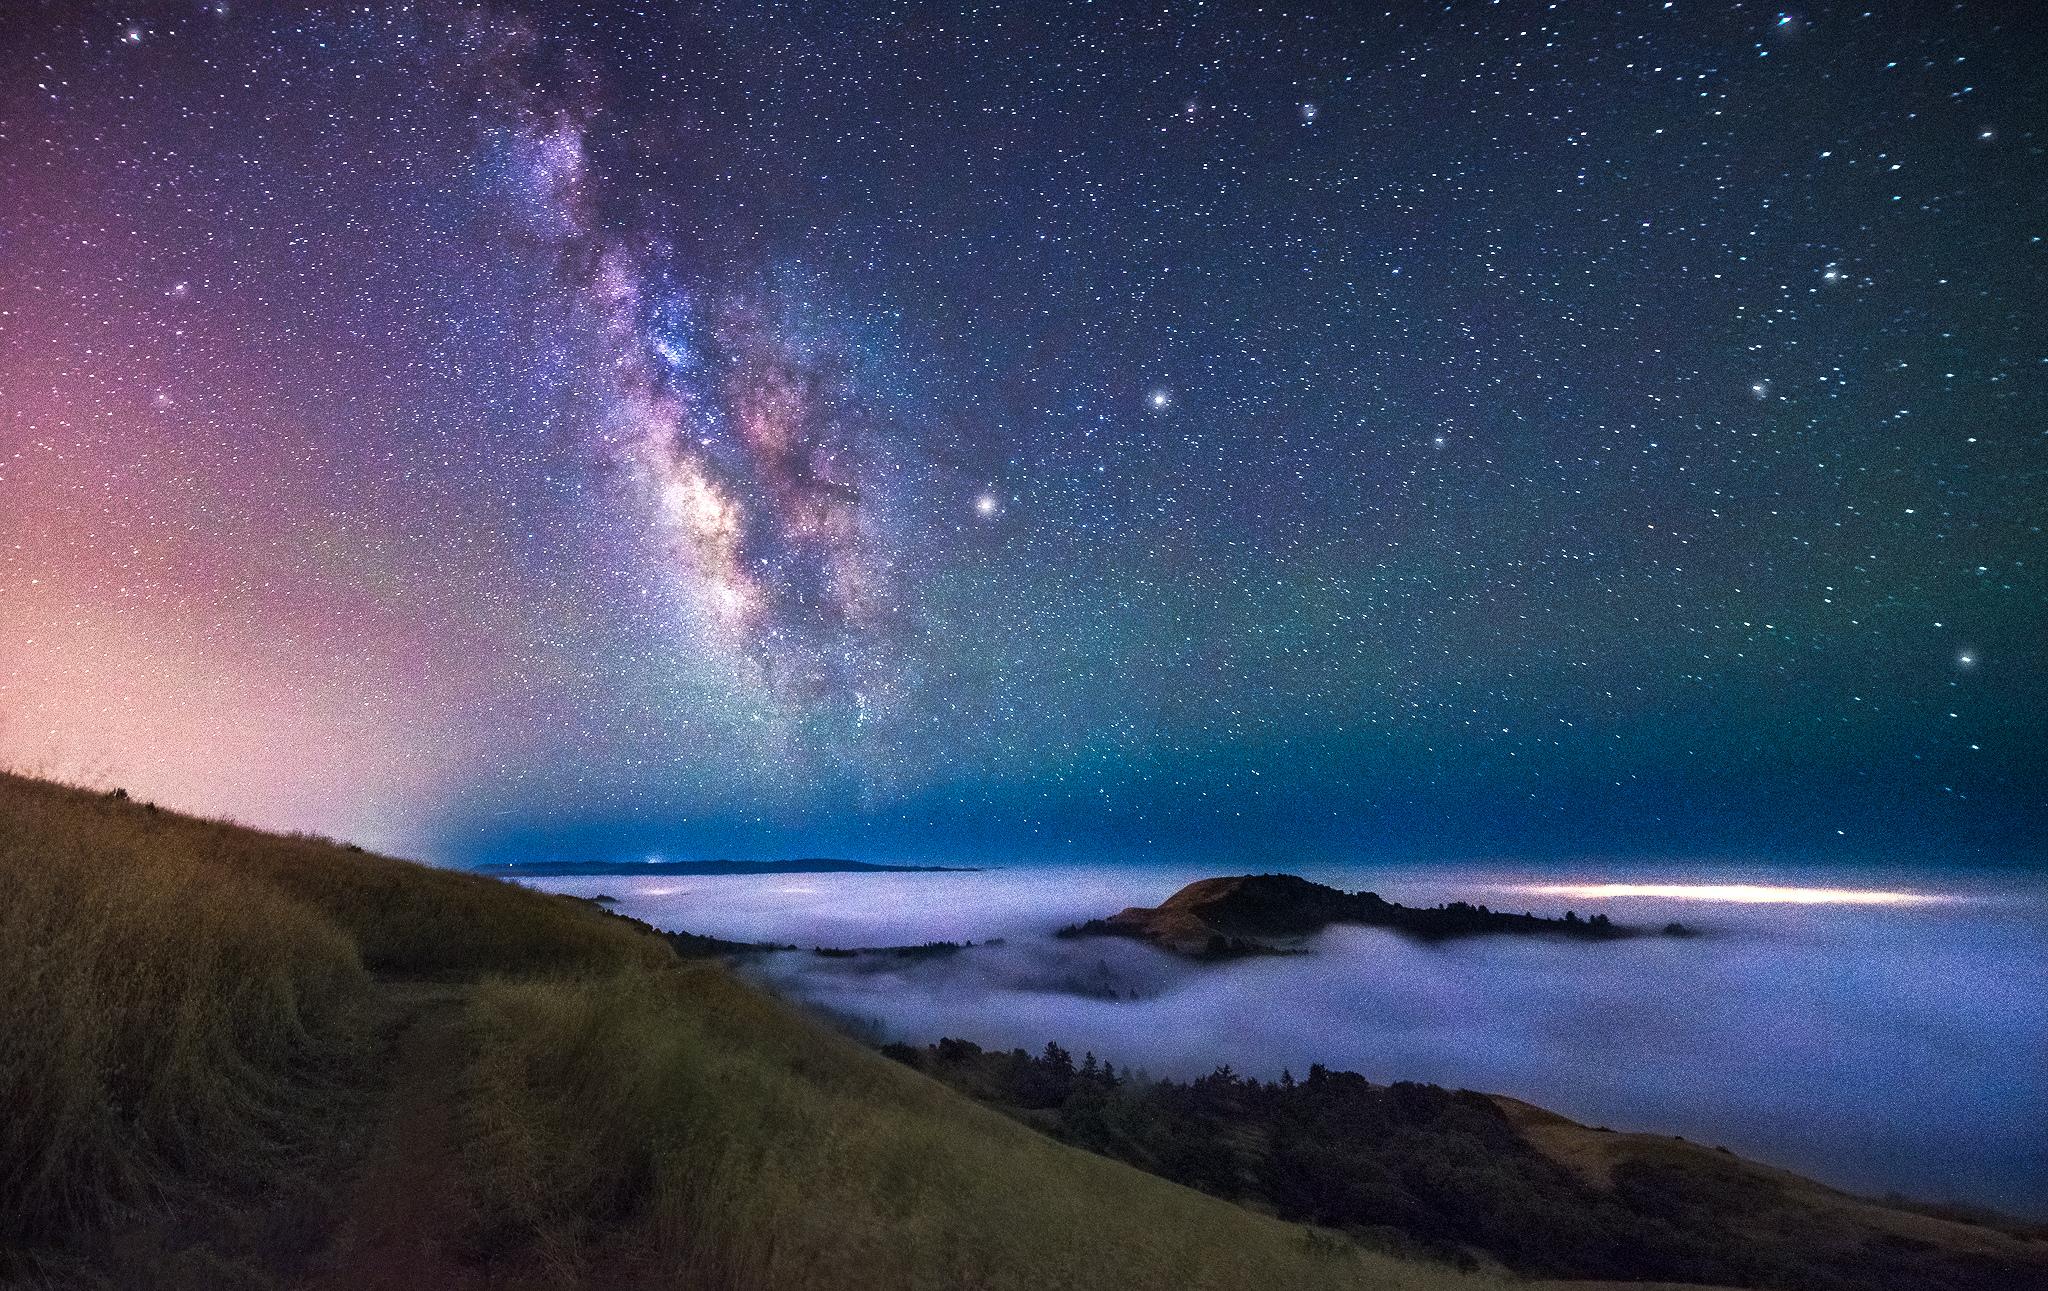 Estrellas y Galaxias de noche - 2048x1291